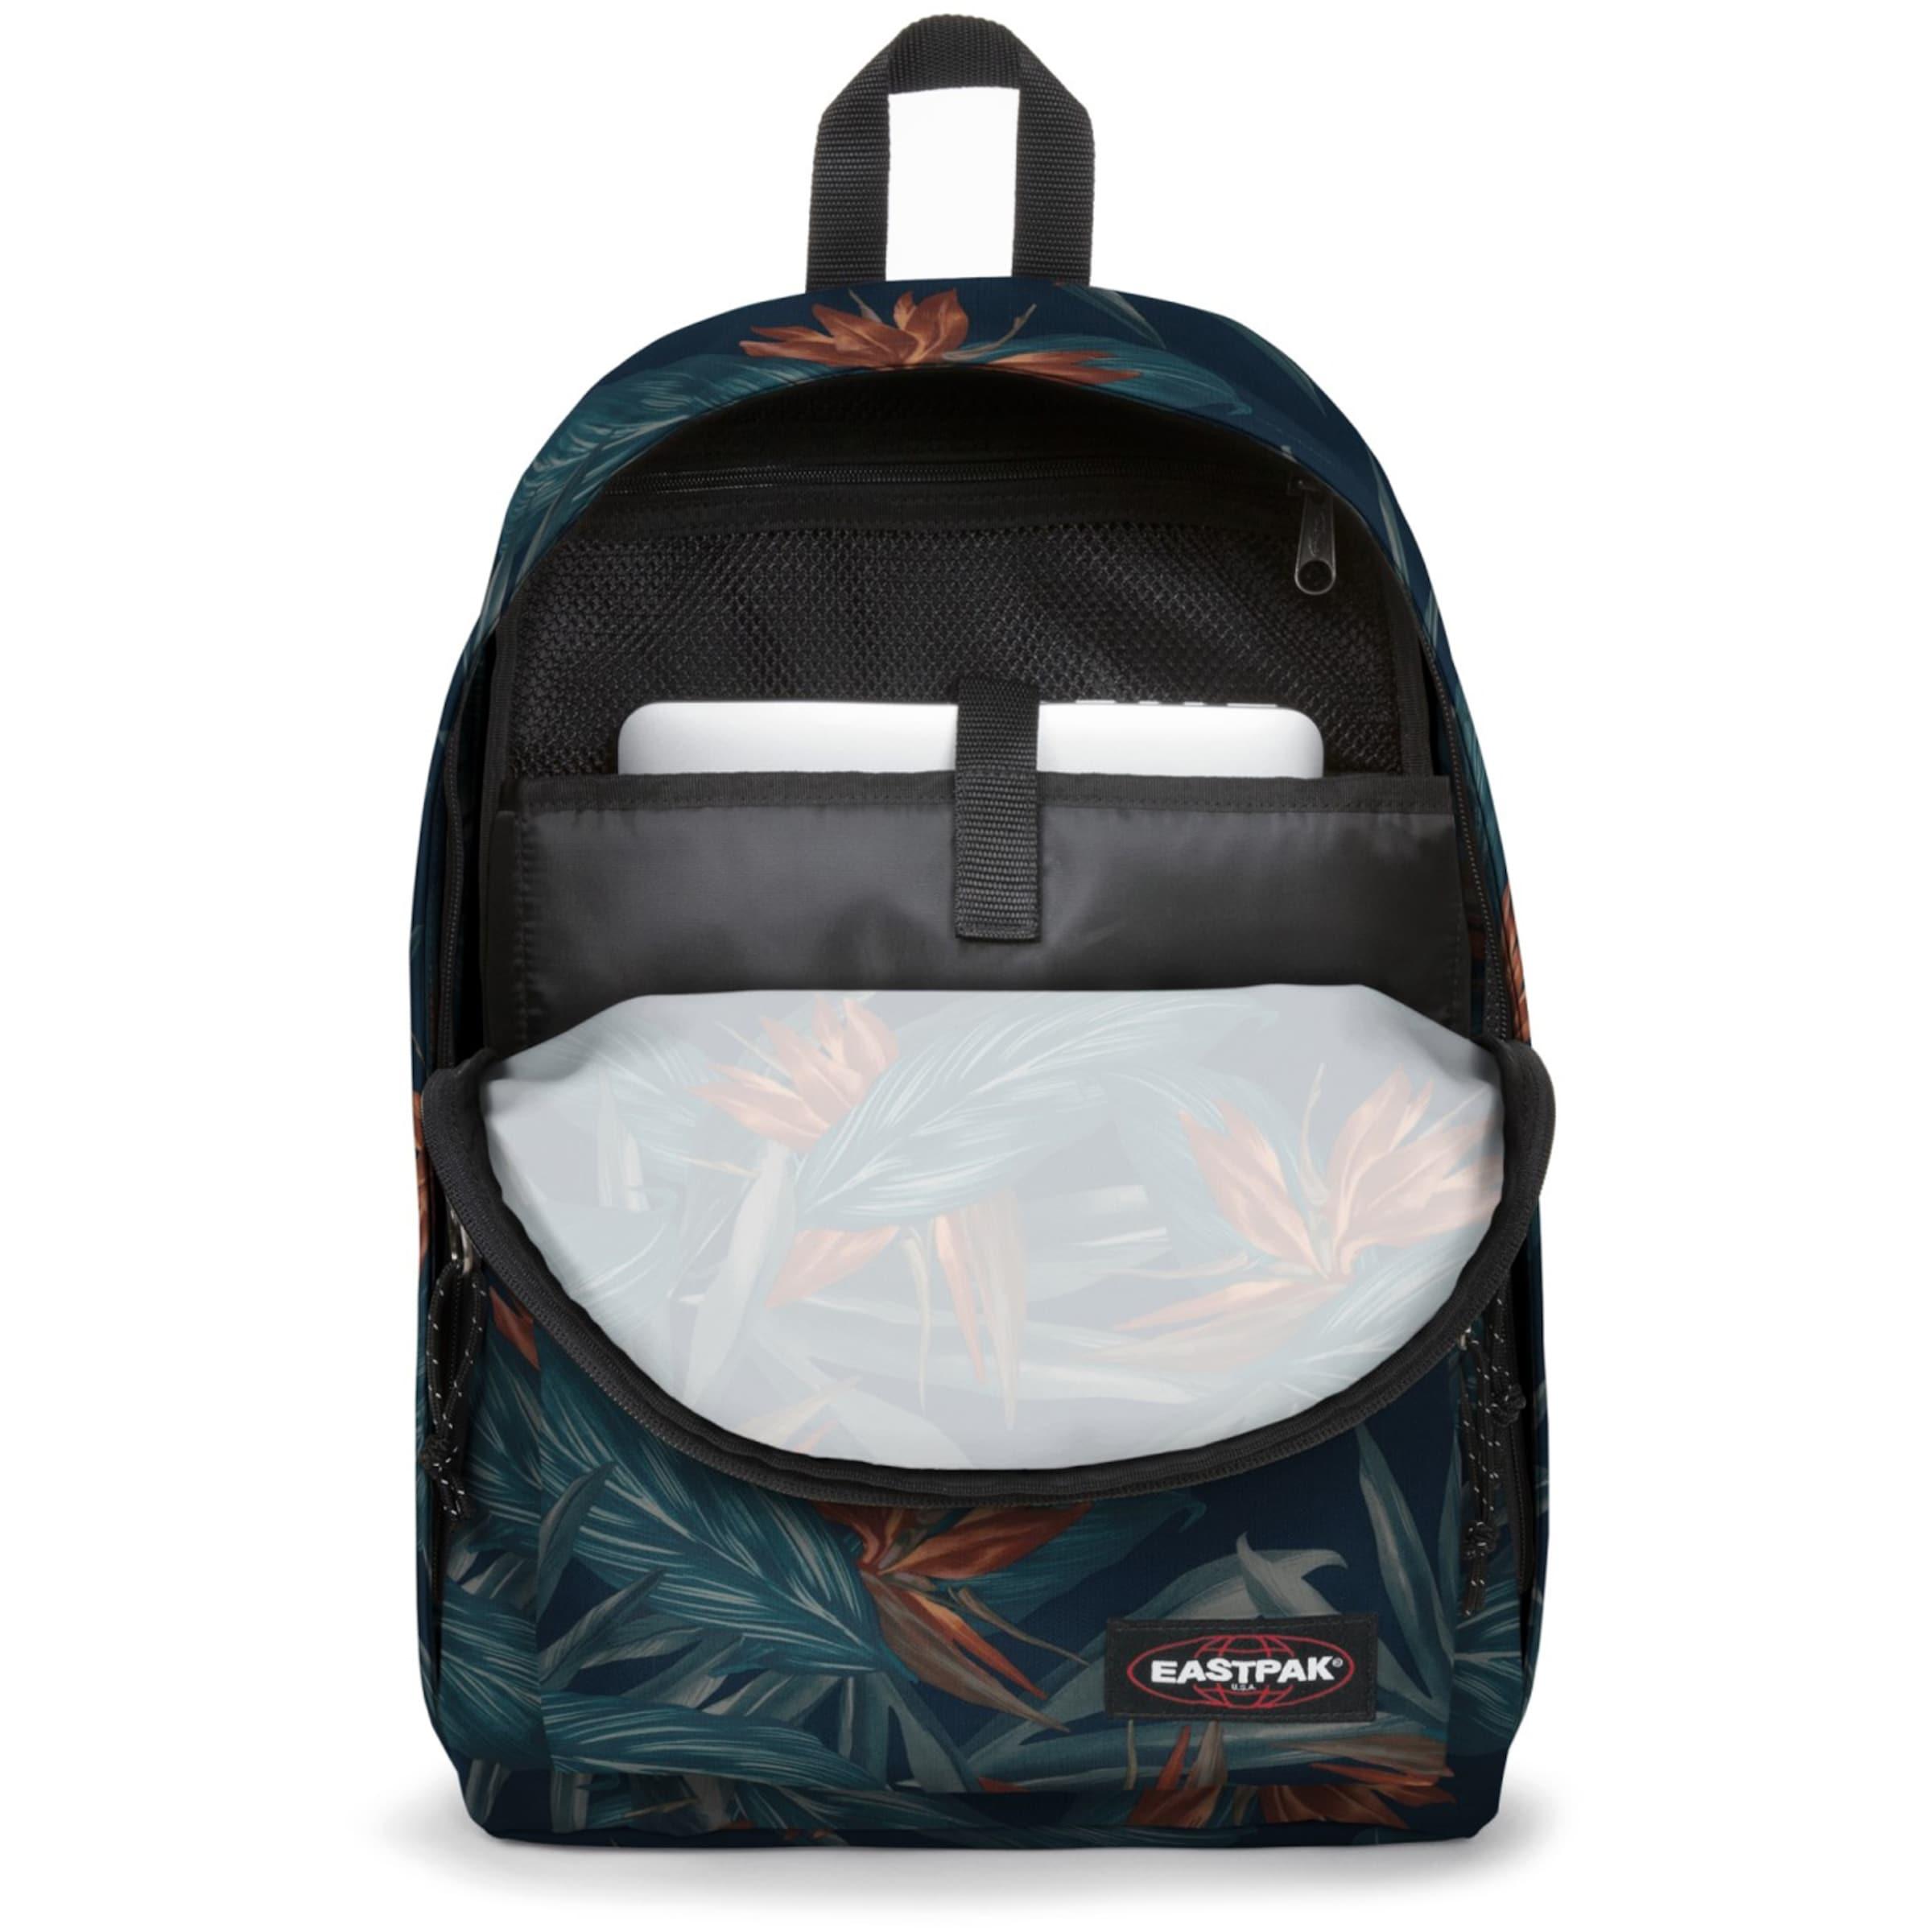 EASTPAK 'Authentic Collection XI Out of Office' Rucksack 44 cm mit Laptopfach Verkauf Erkunden Versand Outlet-Store Online Kosten 33L3rzA